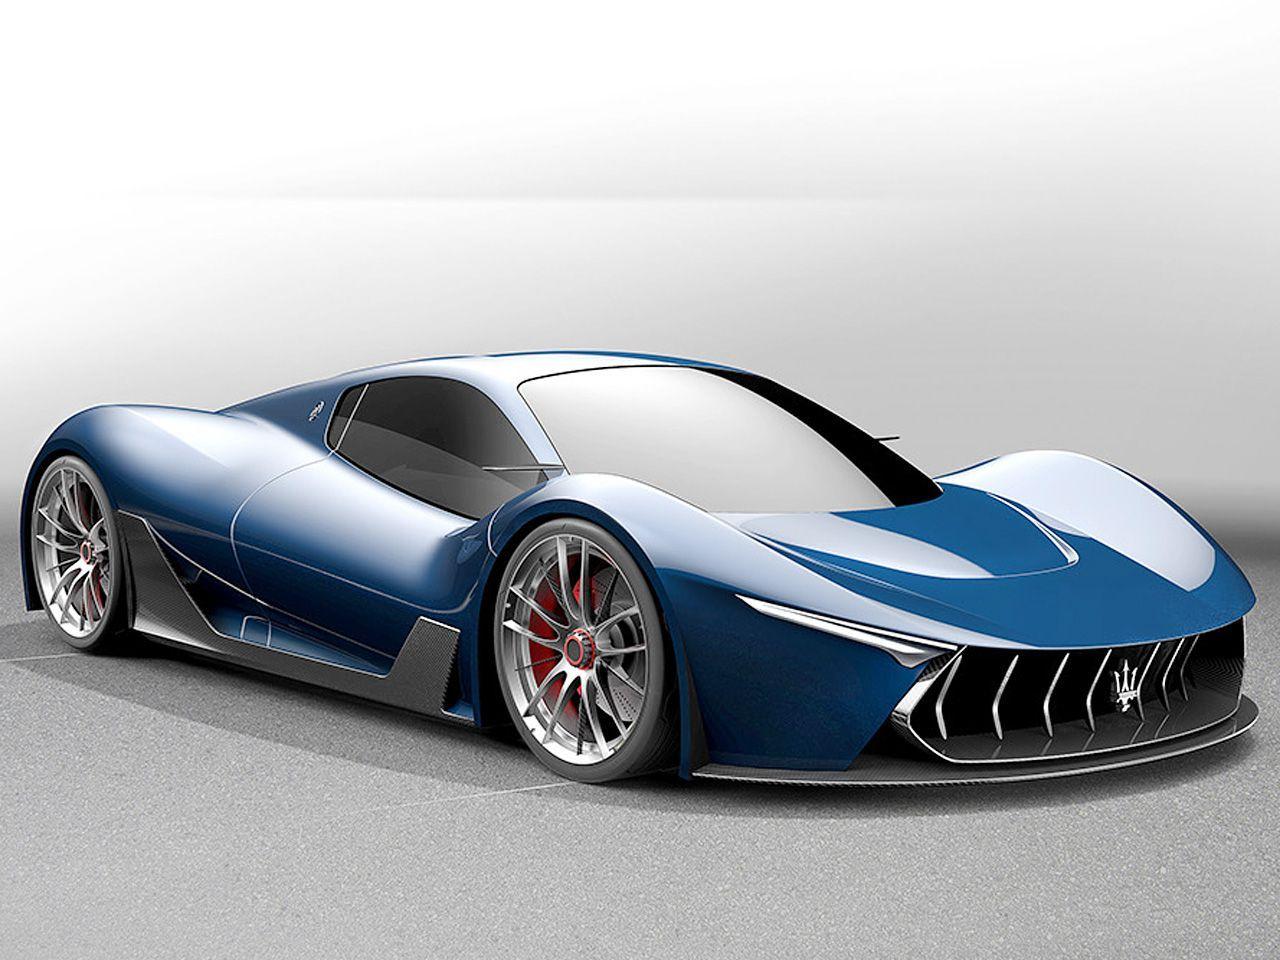 Der Nachfolger Des Maserati Mc12 Konnte Sich Seine Basis Mit Dem